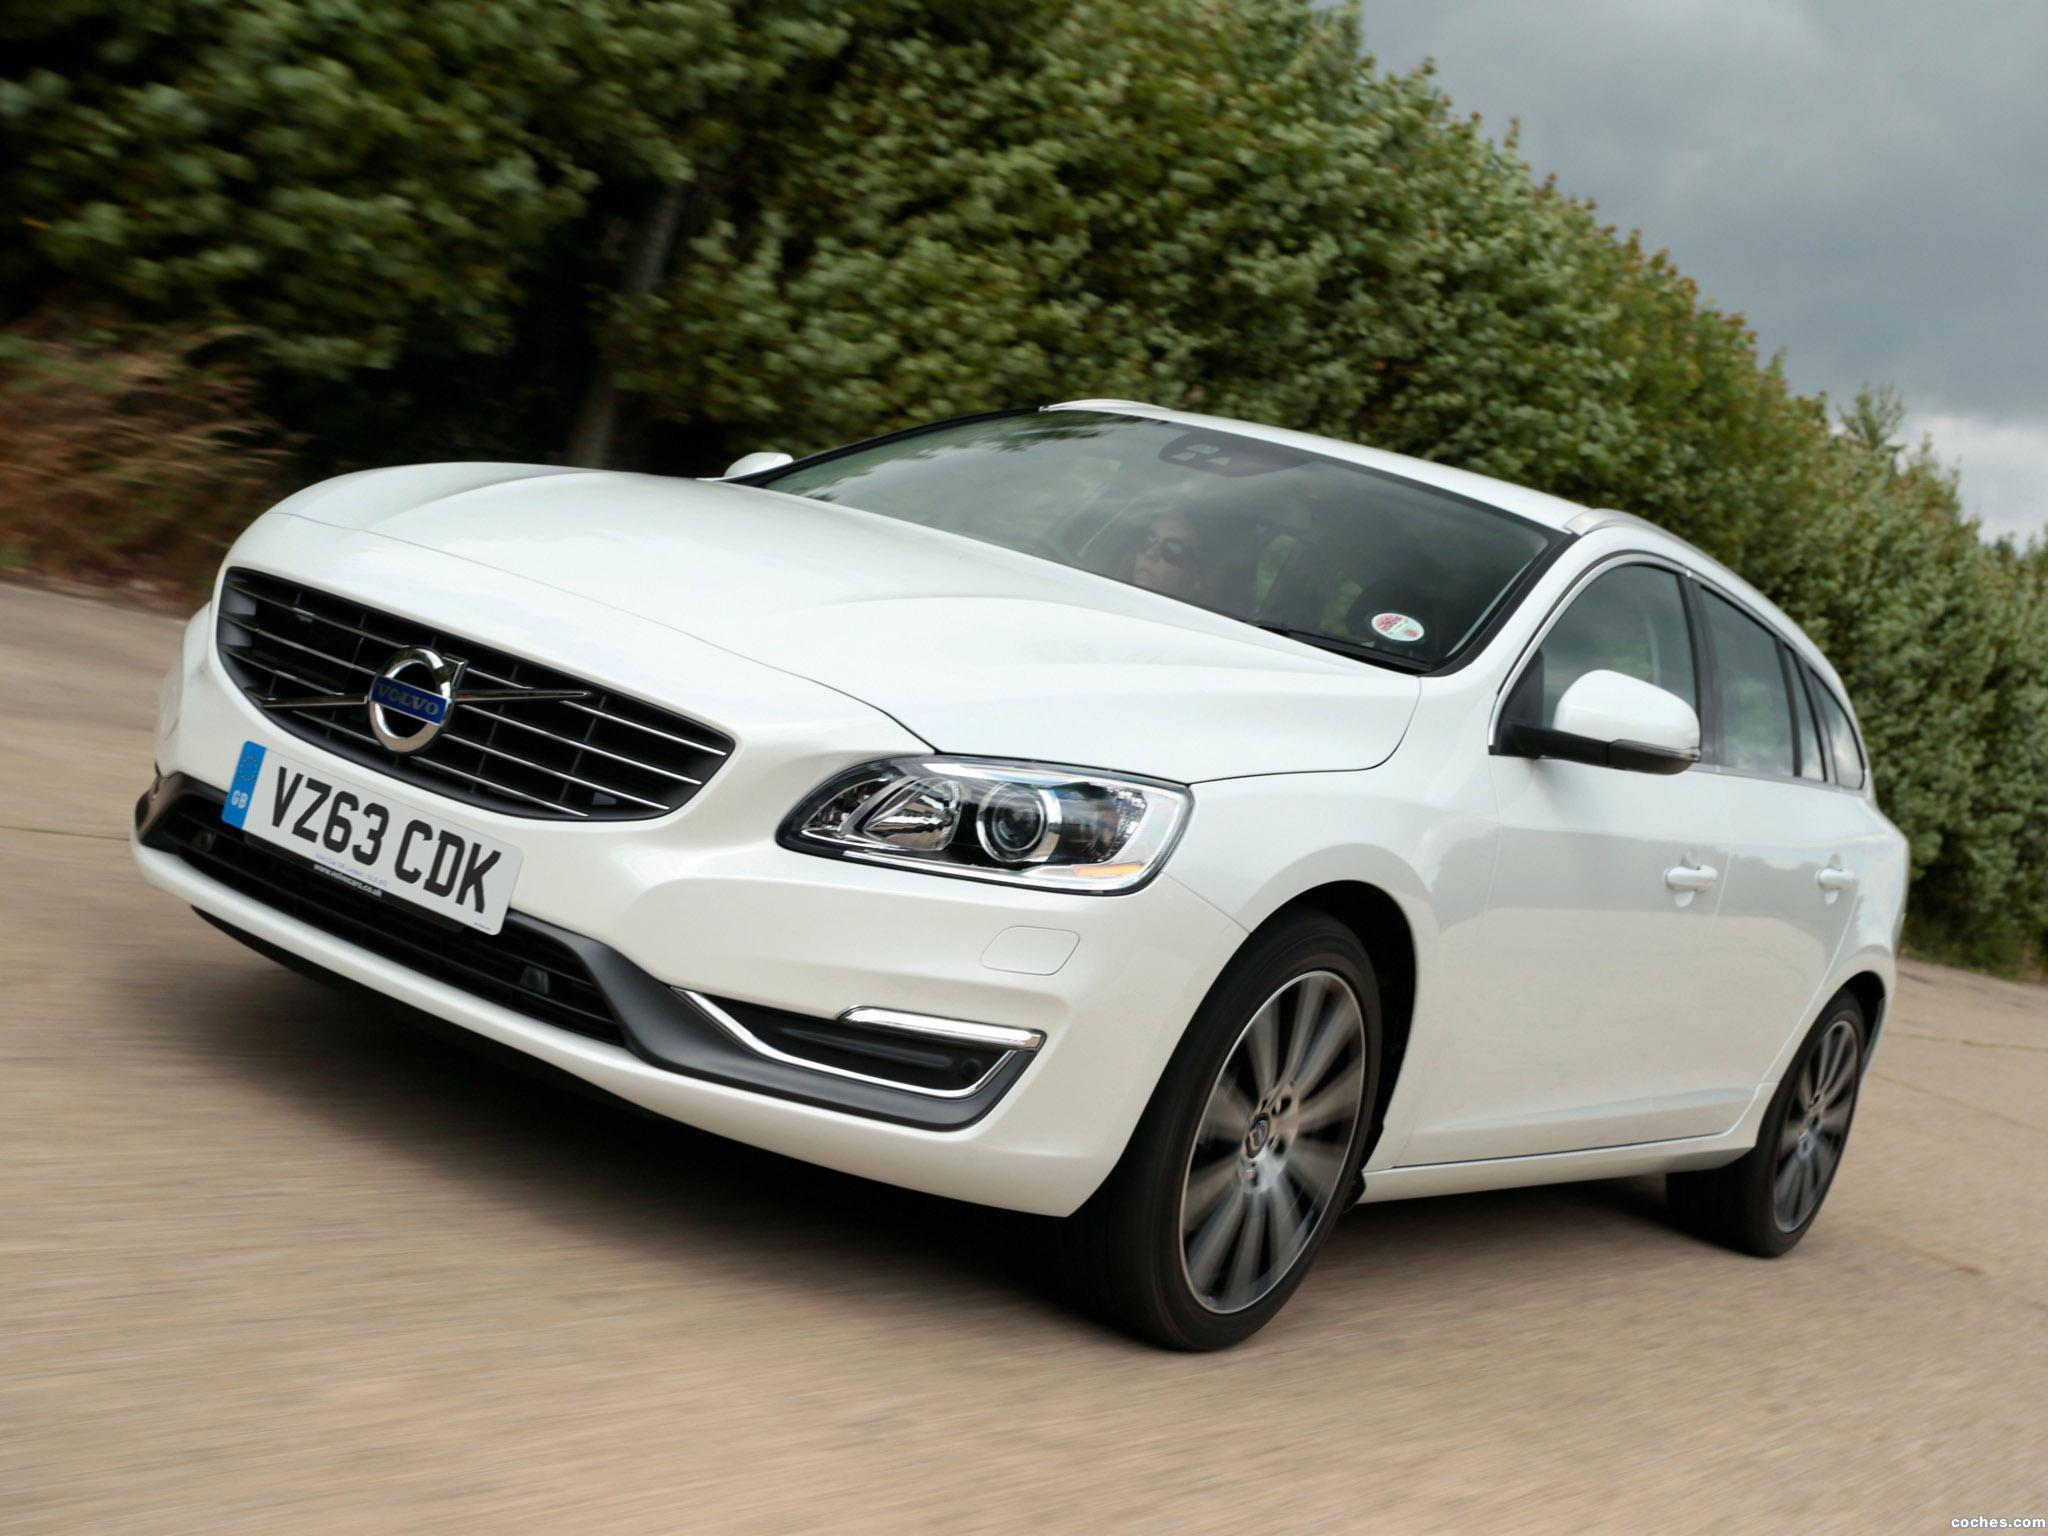 Foto 0 de Volvo V60 UK 2013